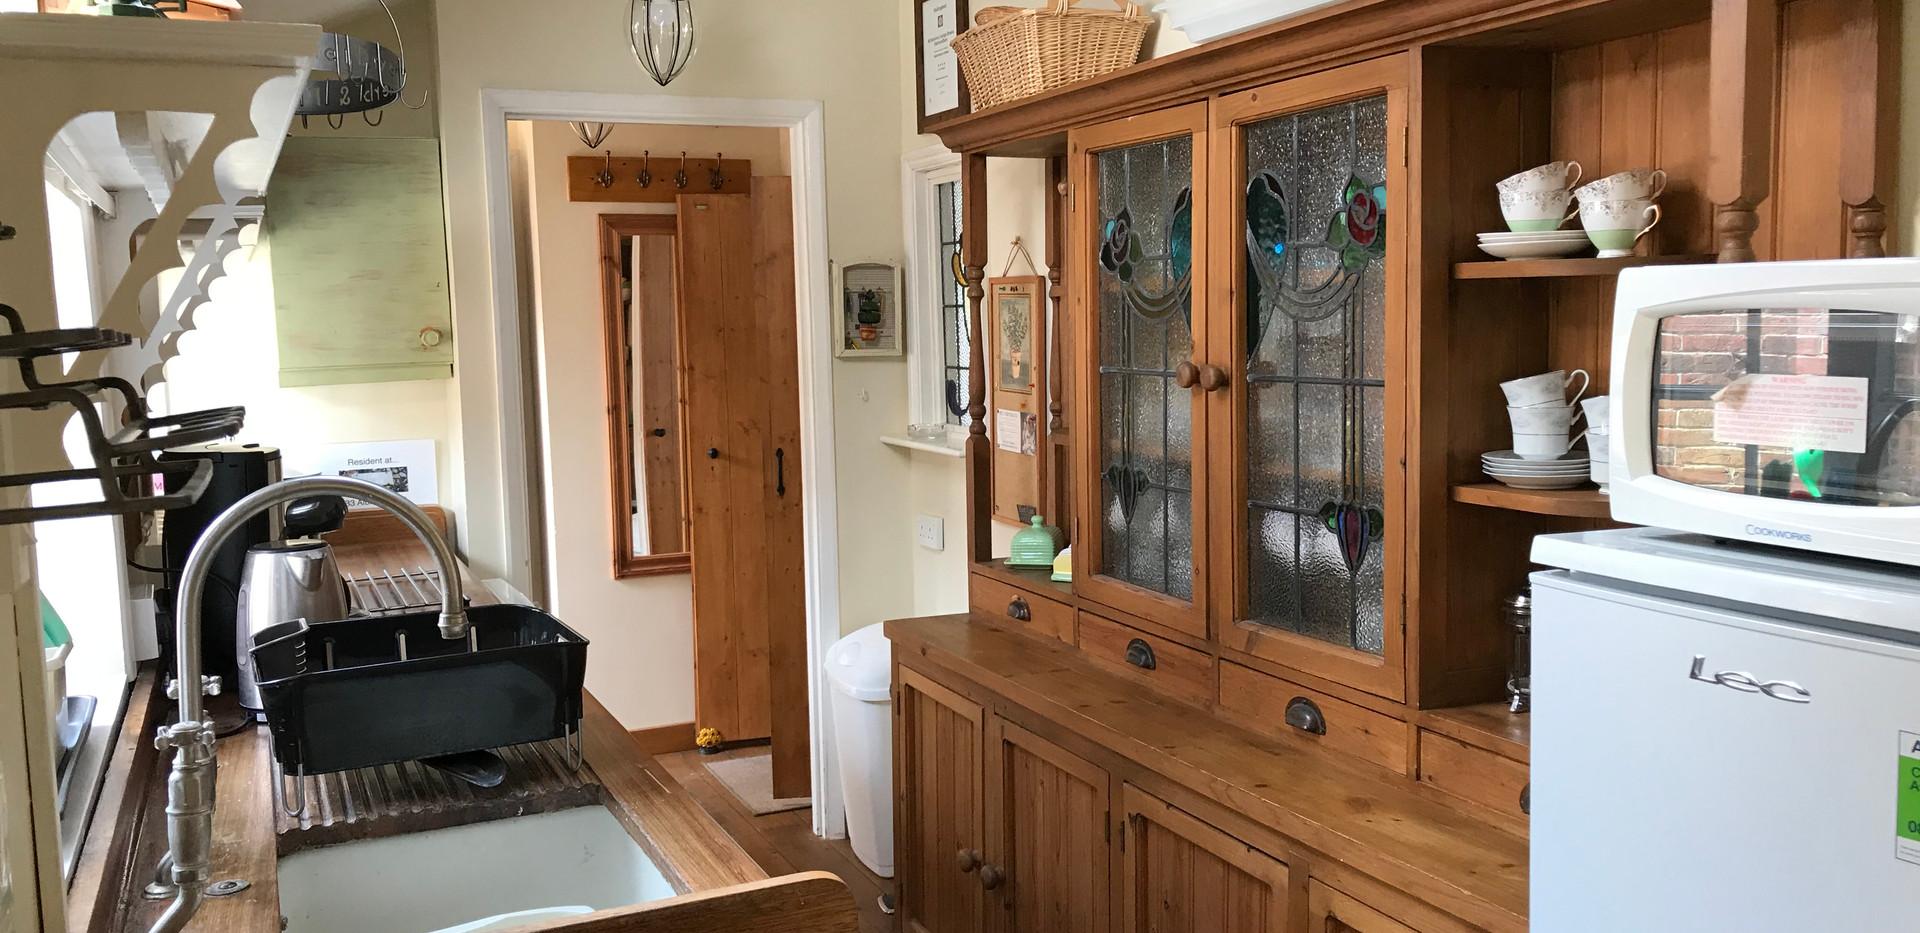 Flint Cottage Kitchen with antique dresser